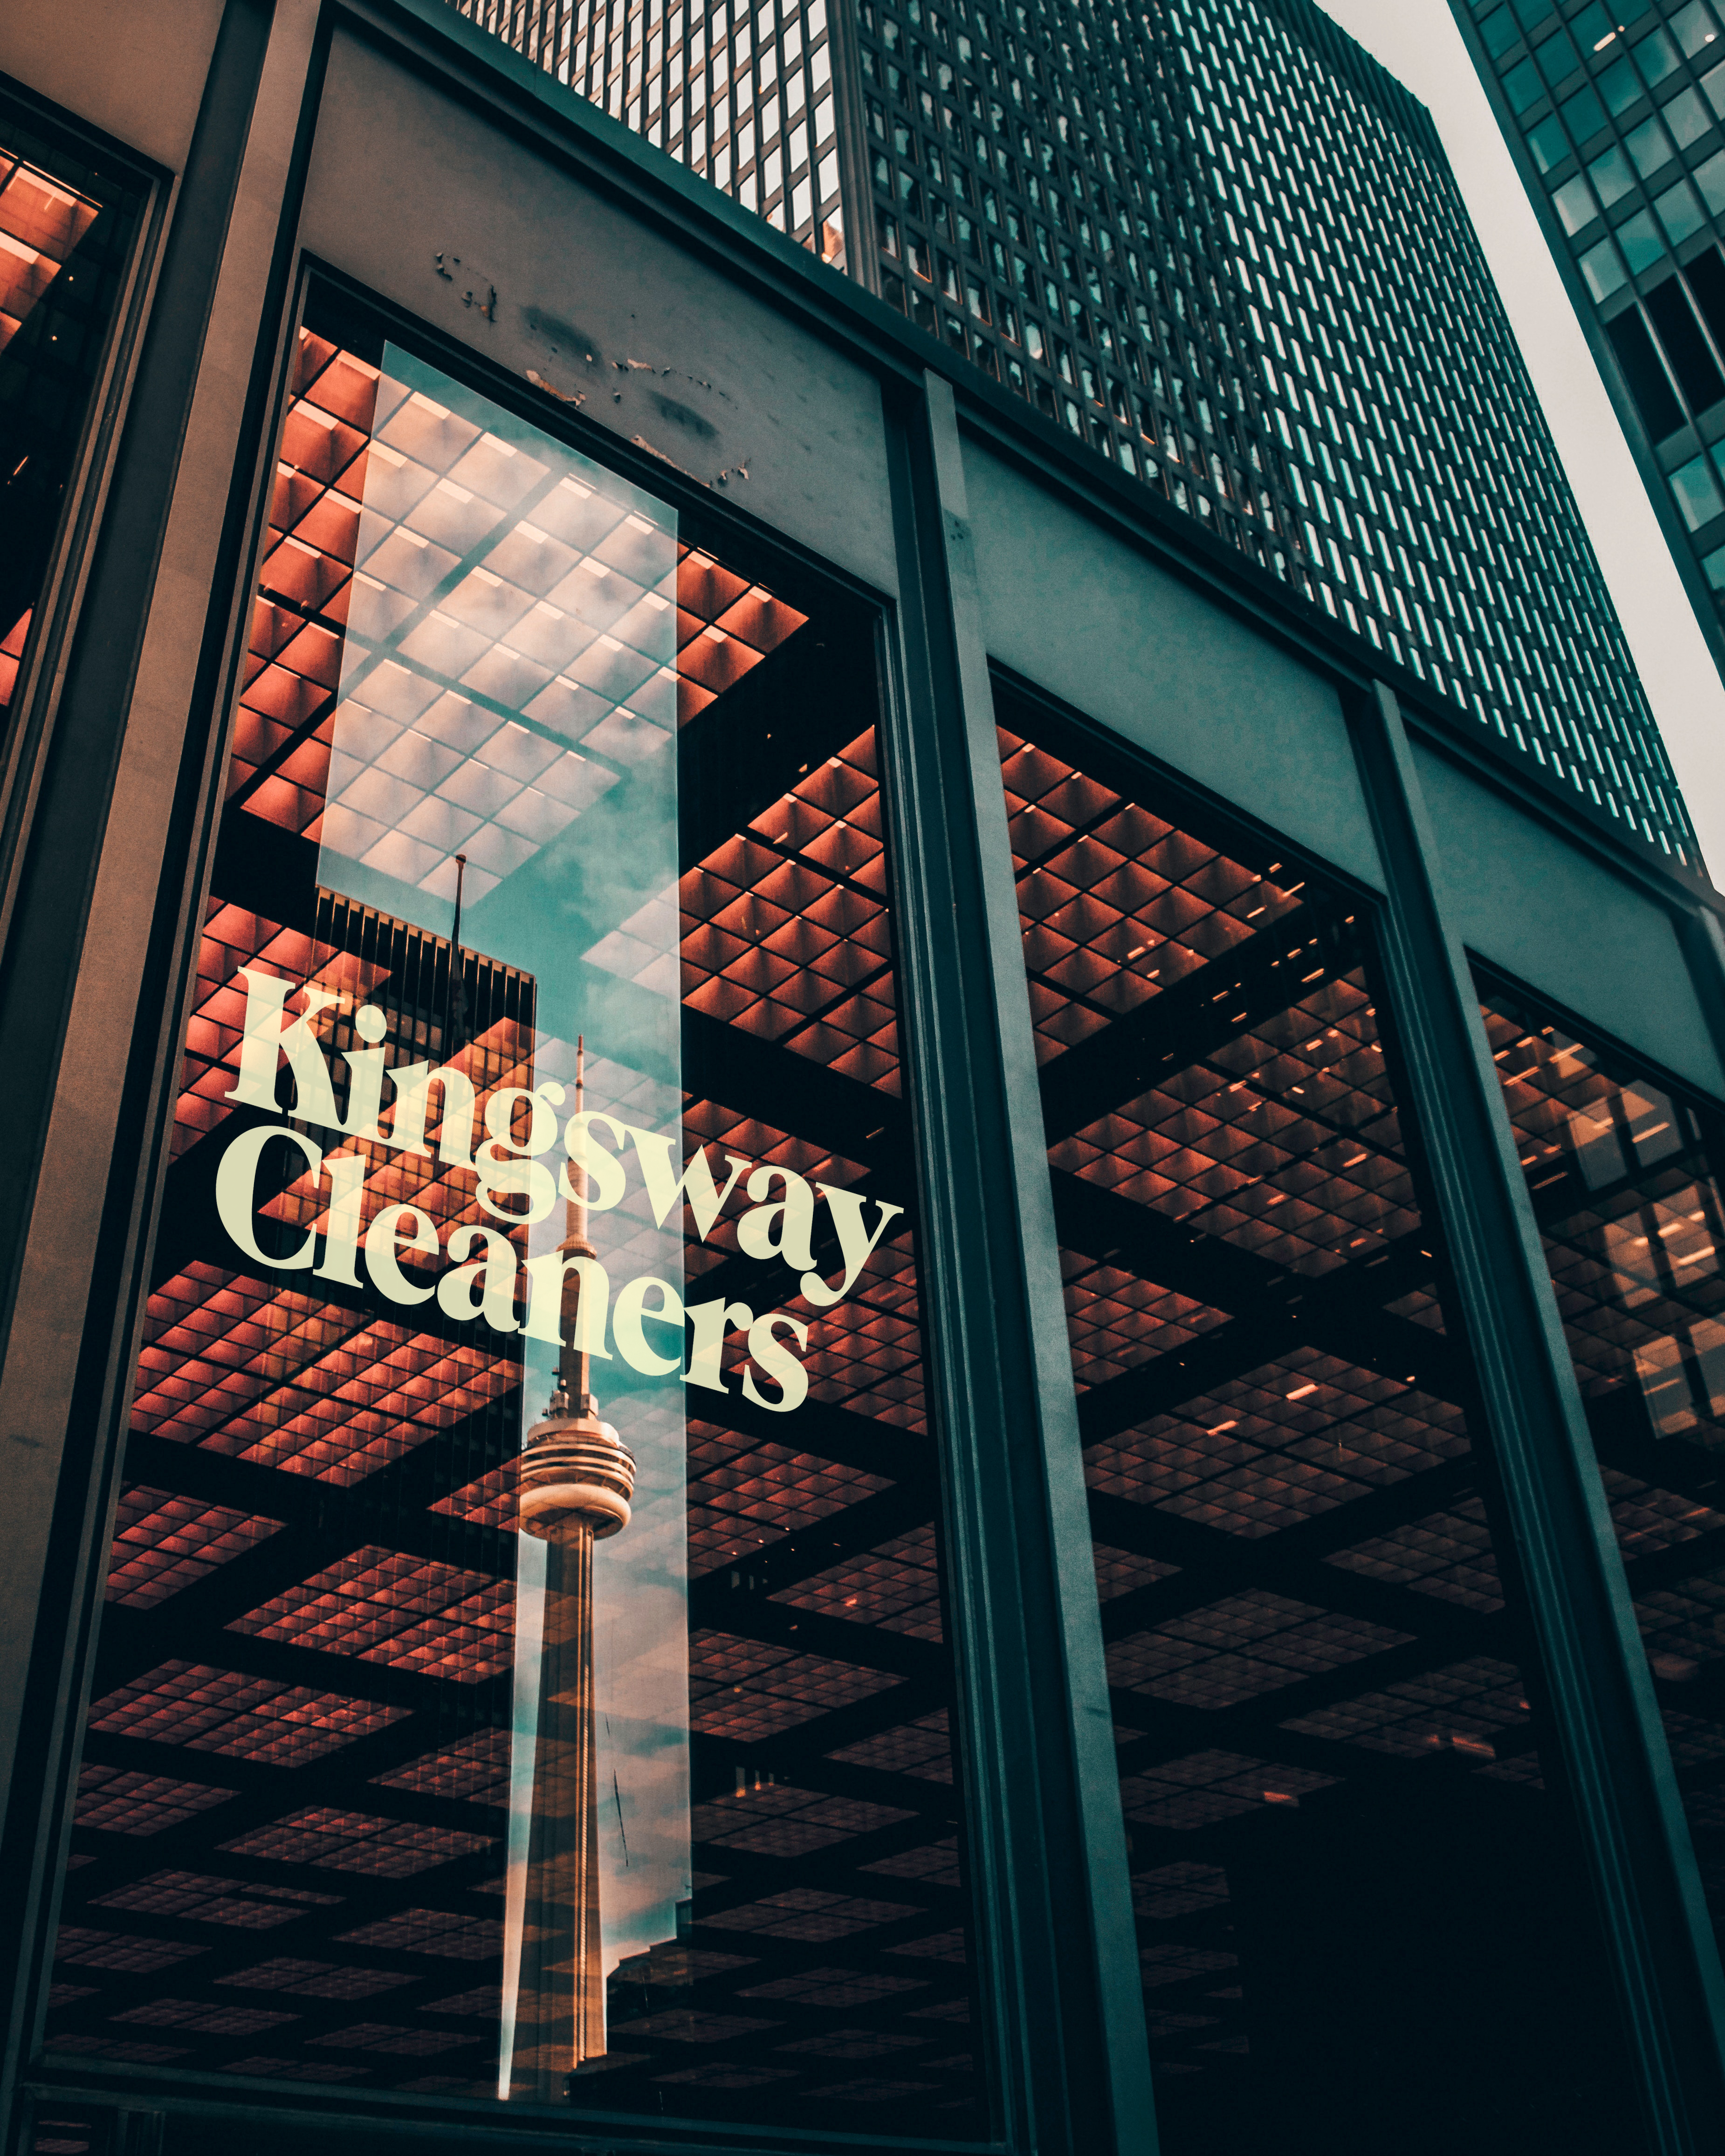 Kingsway Bay Street